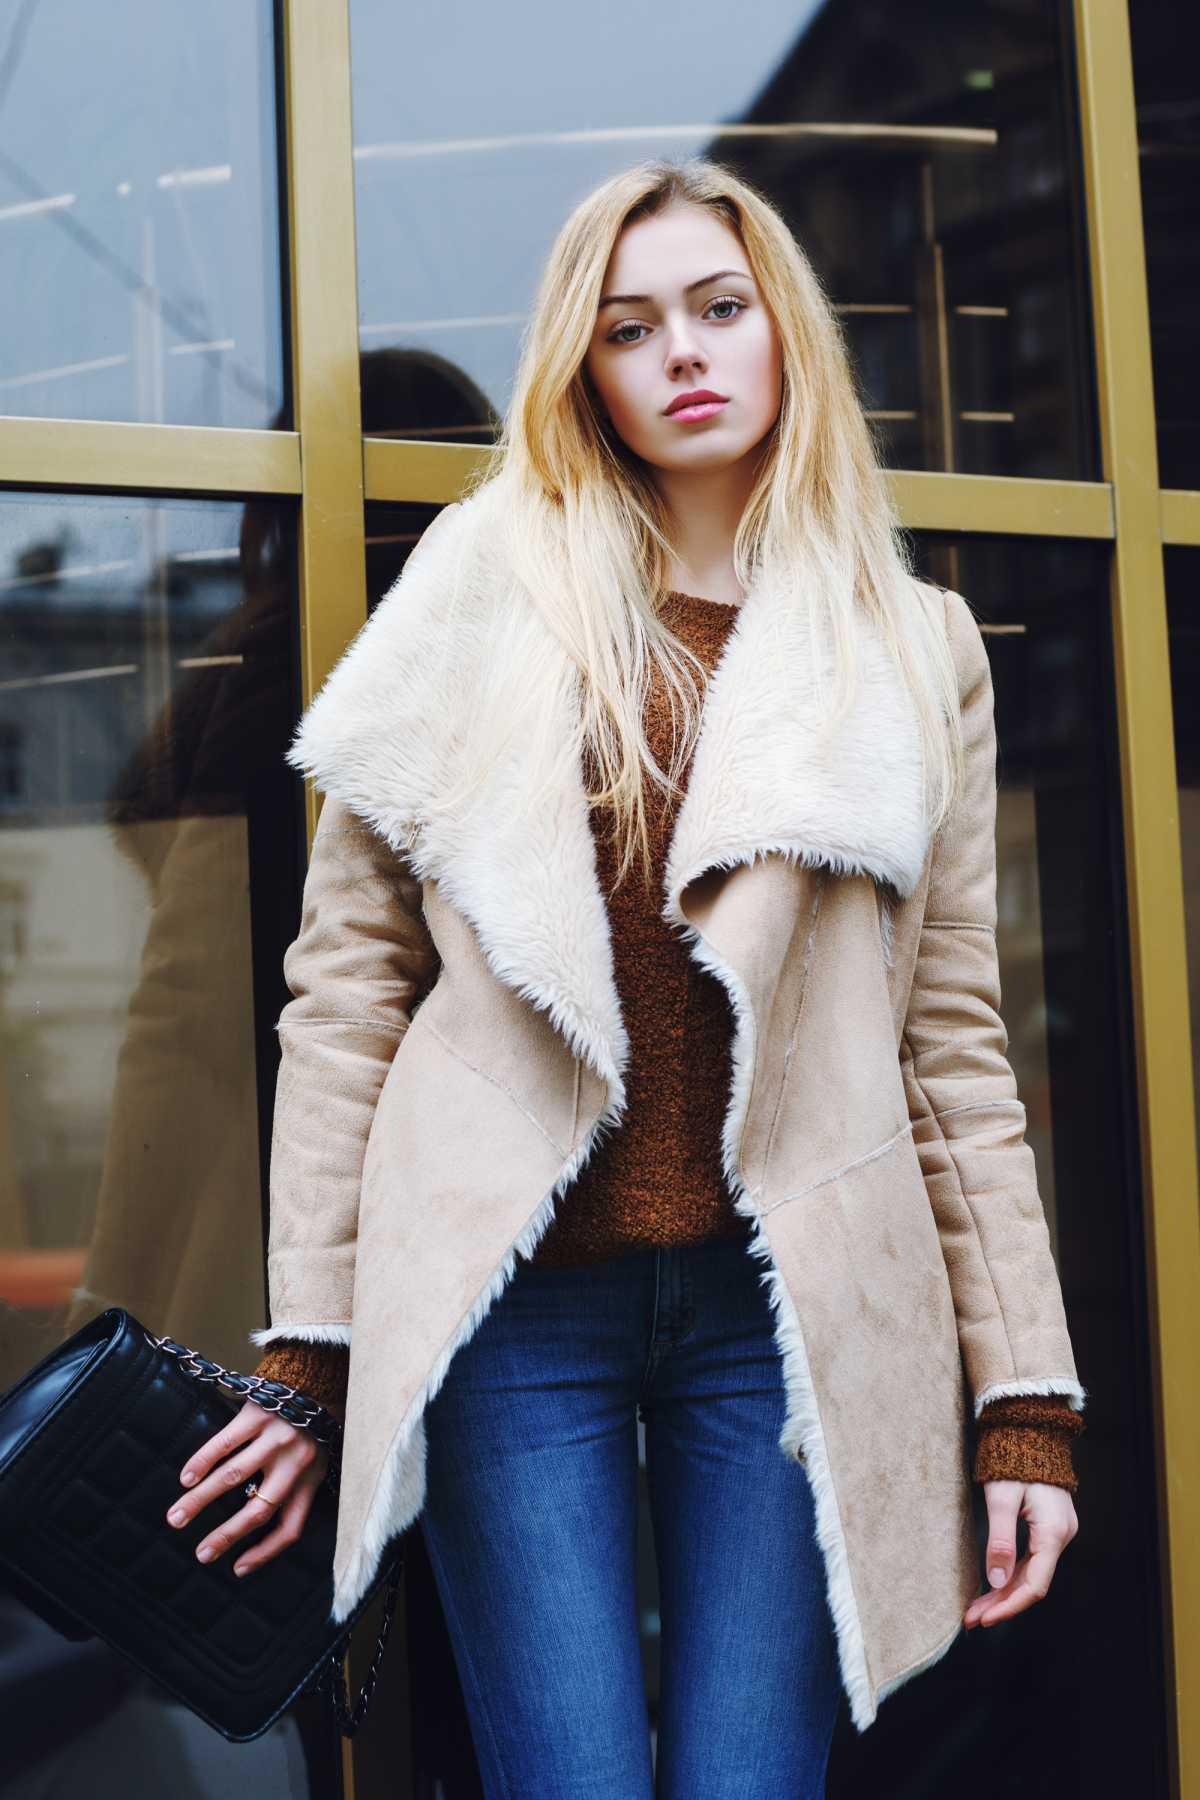 casaco de pele fake é uma das tendências deste inverno